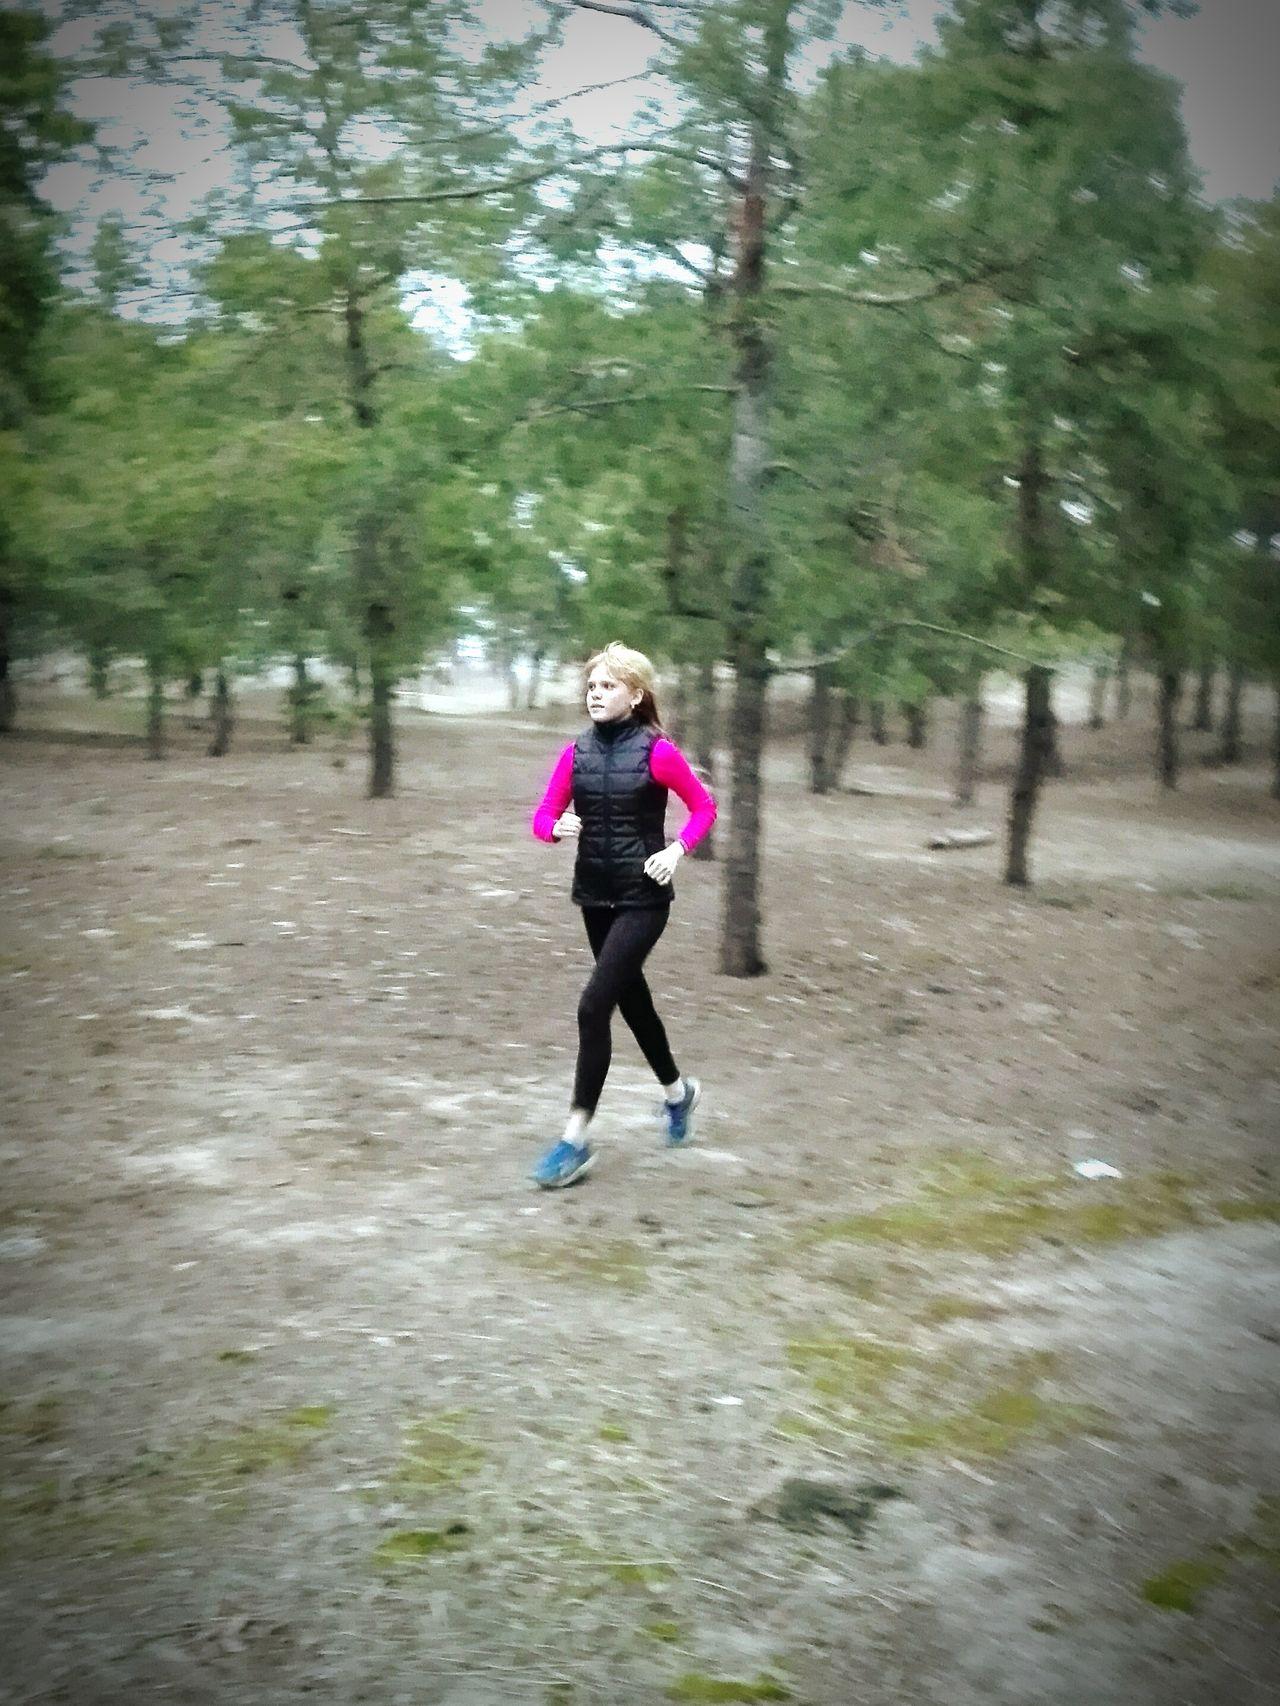 Спорт это жизнь спорт бег мотивация движение зож здоровье пп нация девушка утро пробежка